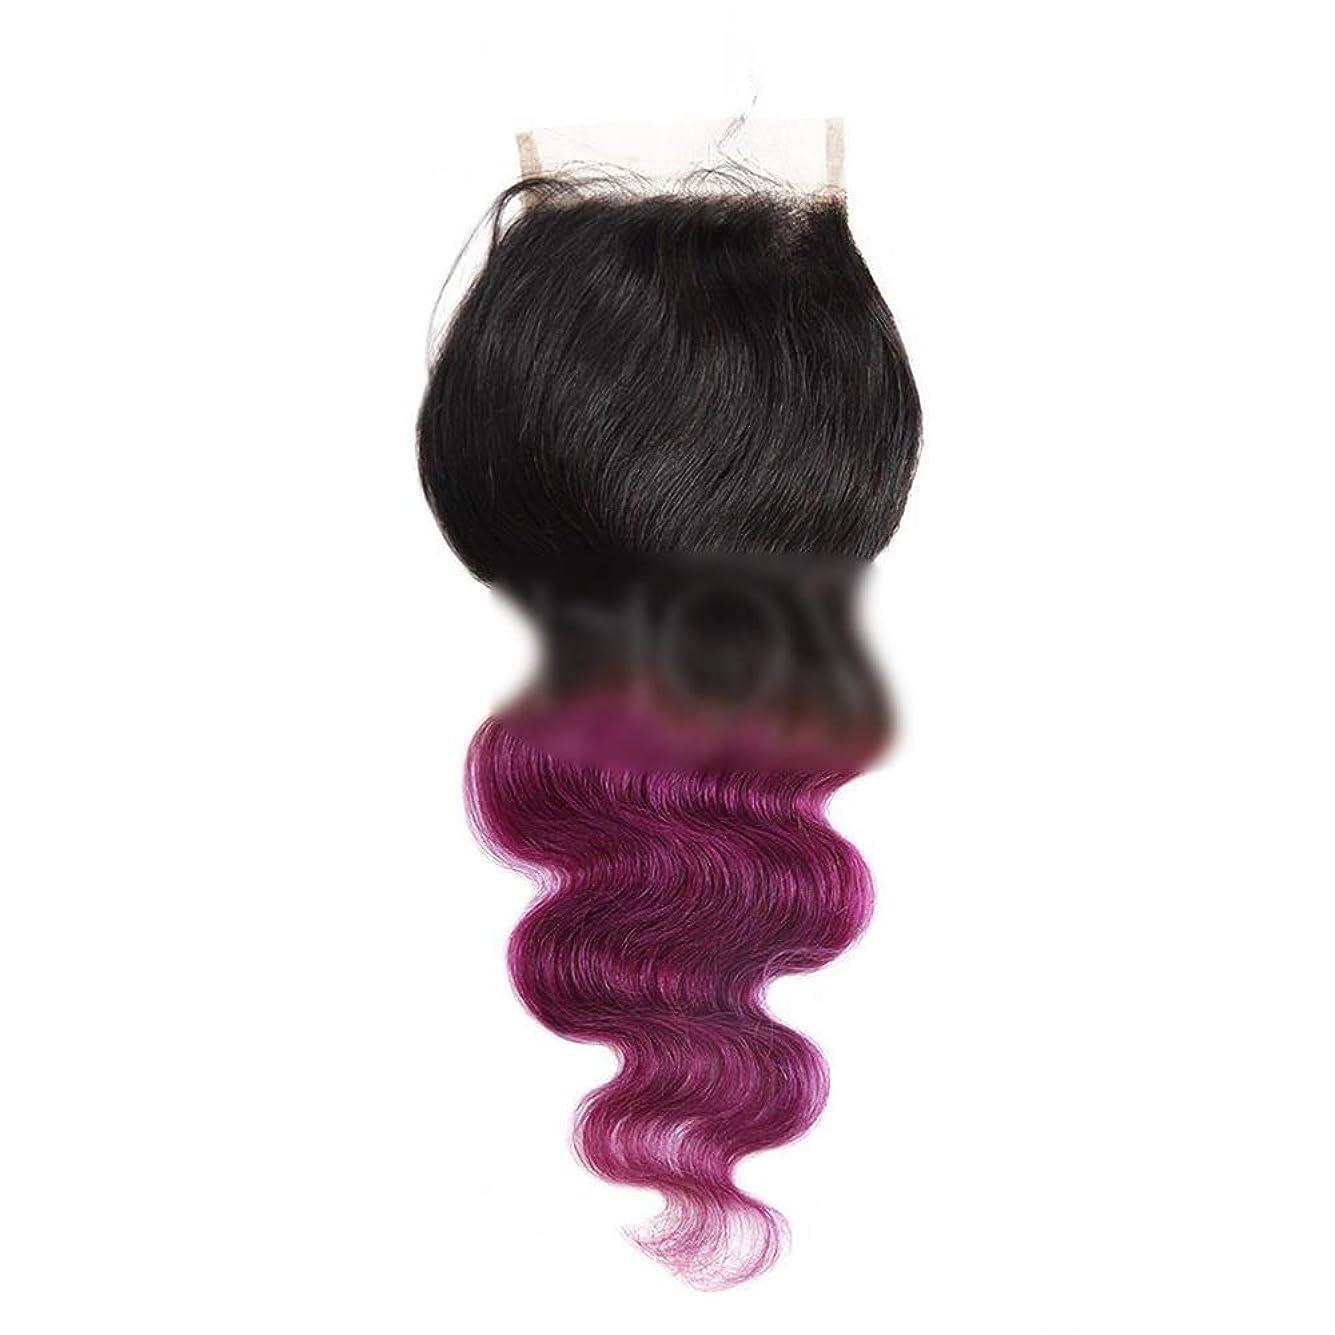 不安定な考えるブリリアントBOBIDYEE オンブルヘアエクステンションブラジルの髪の実体波1閉鎖と髪の束 - T1B /パープル2トーンカラー(12